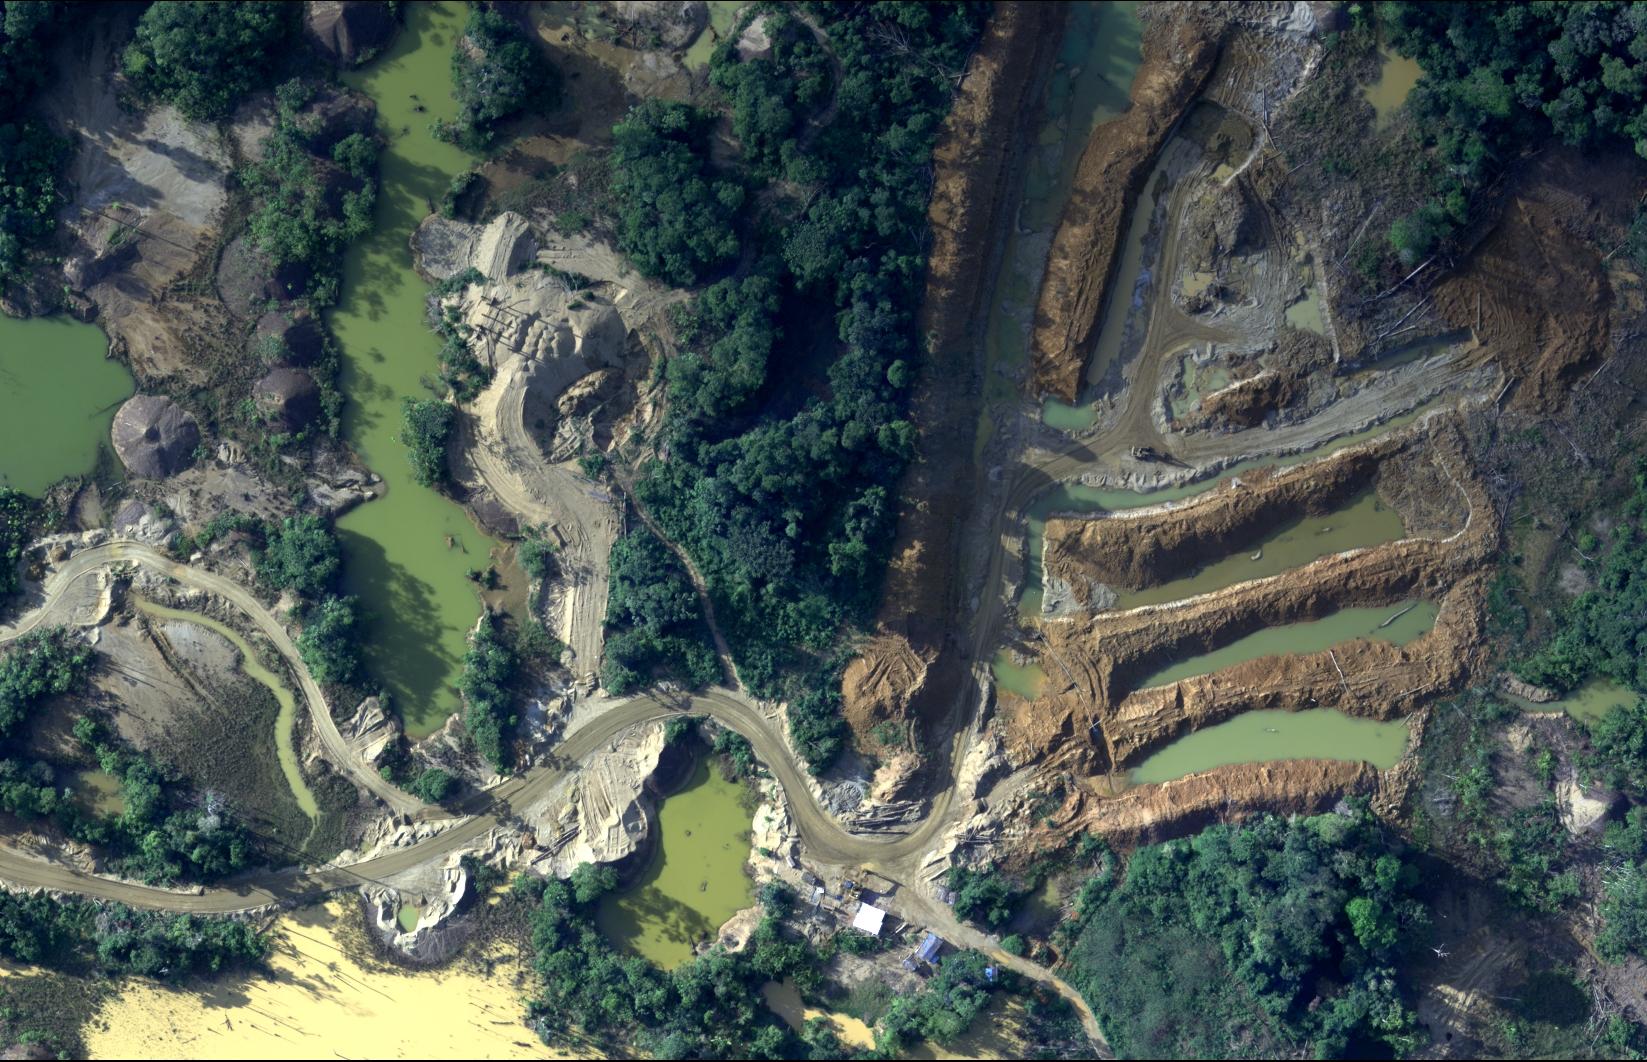 Las primeras imágenes captadas por la Fuerza Aérea del Perú que muestran la destrucción de la selva. Foto CEVAN / FAP